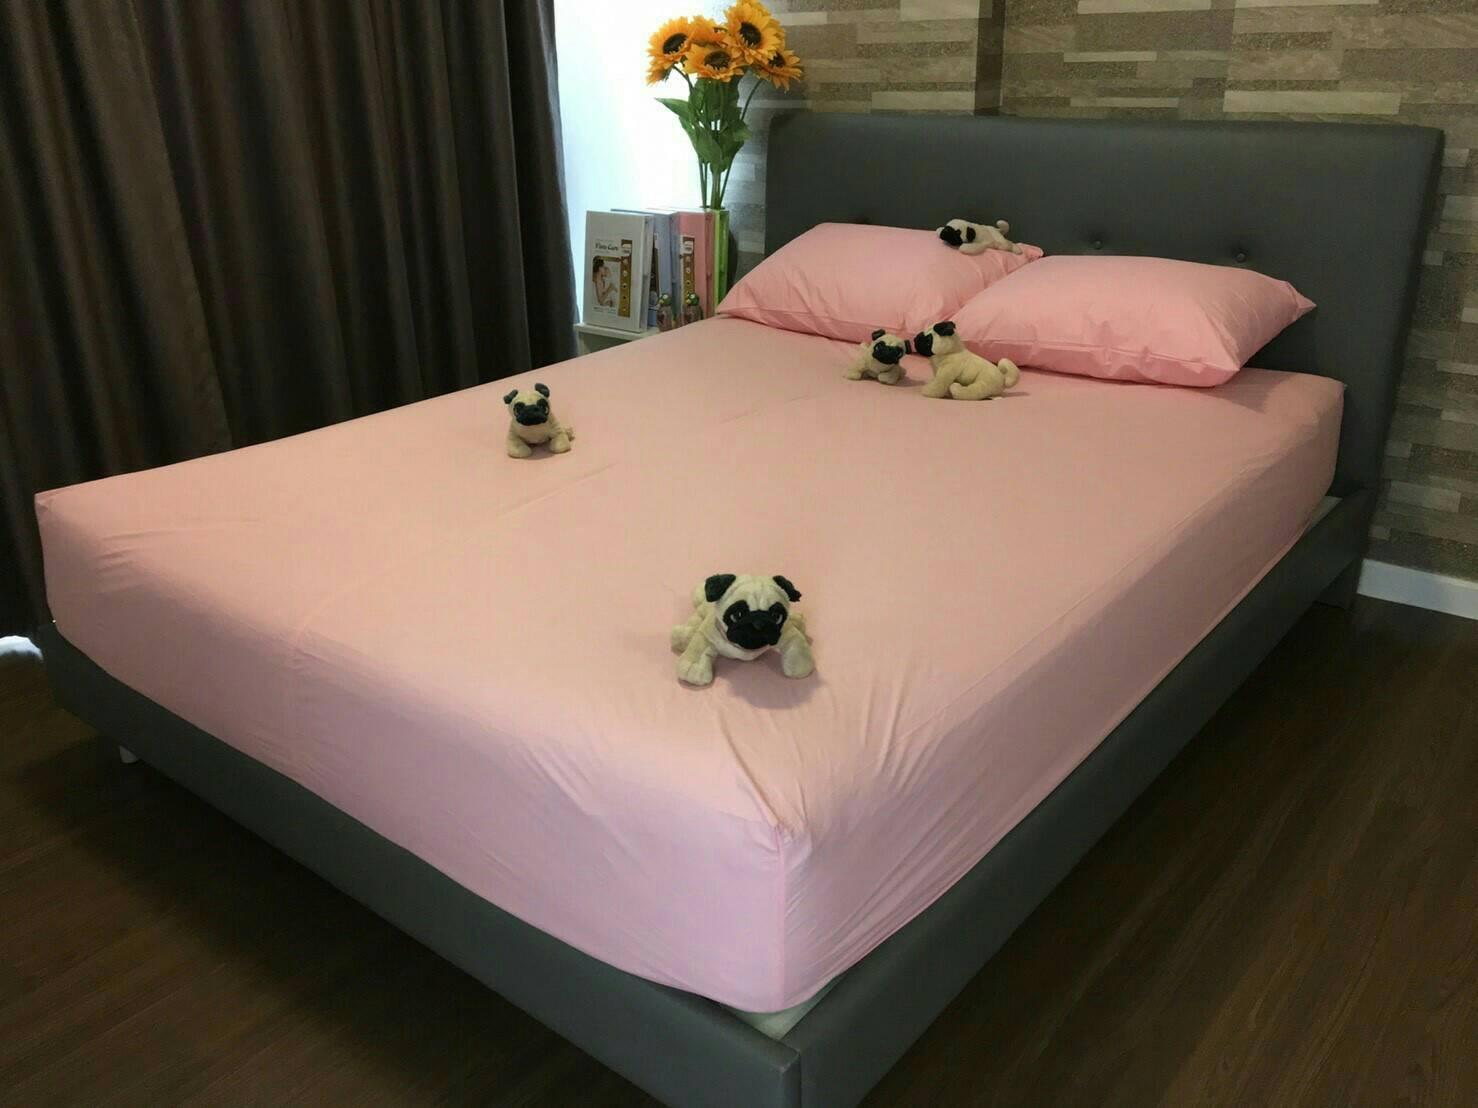 ชุดเซ็ตผ้าปูที่นอนกันเปื้อน 6-5 ฟุต